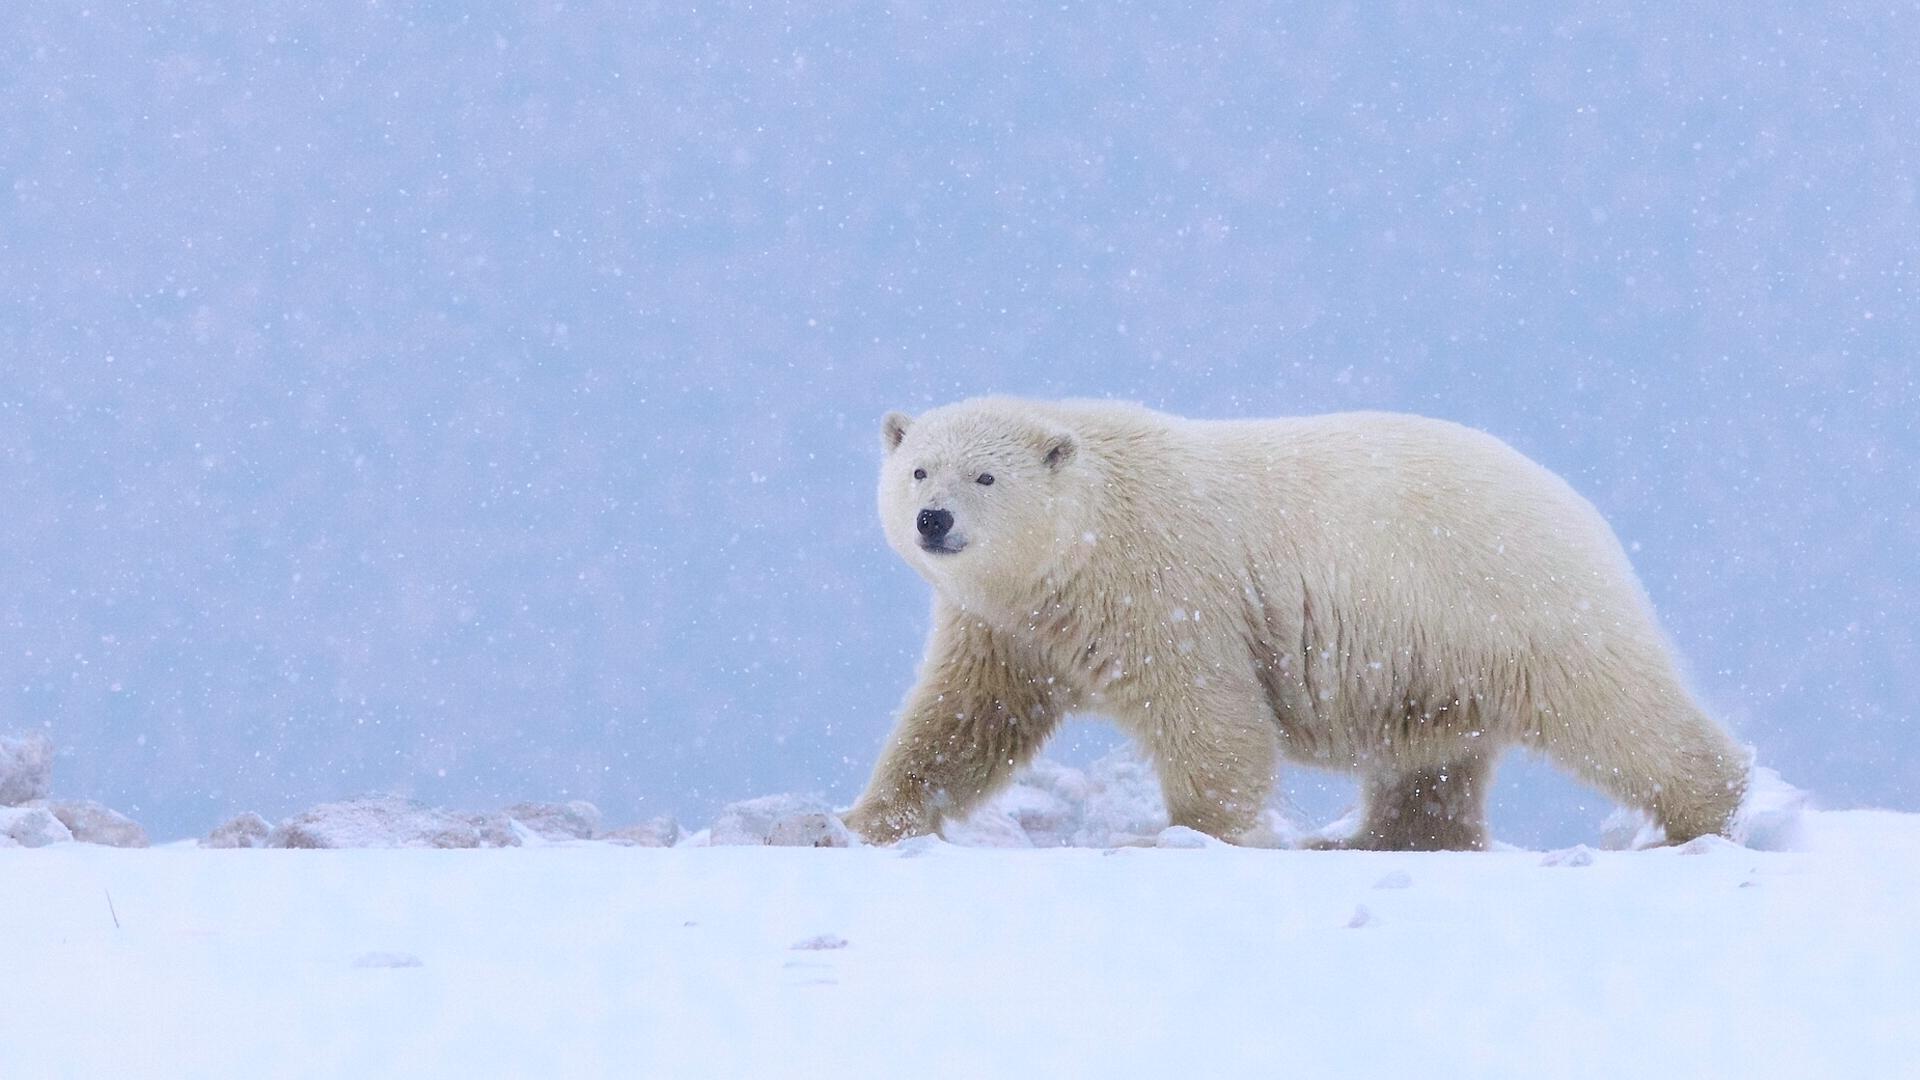 Онлайн казино полярний ведмідь завантажити гру не онлайн казино